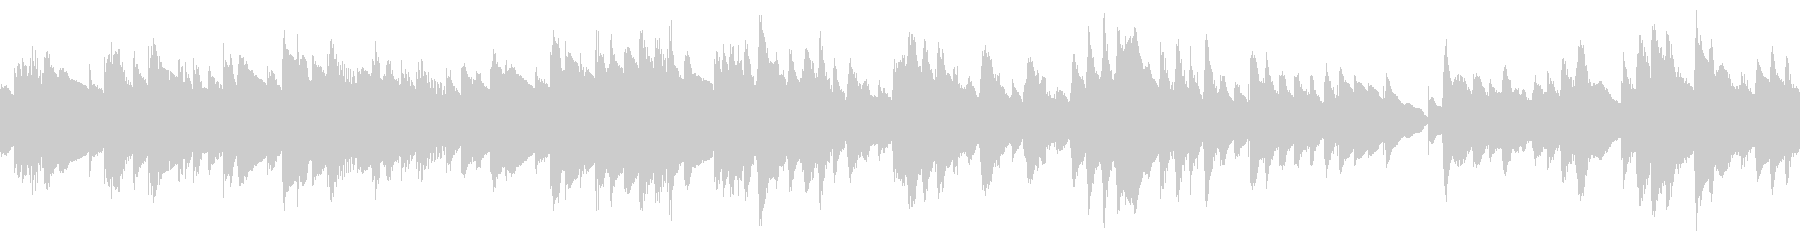 ループ もの哀しい静かな曲 ビブラフォンの未再生の波形